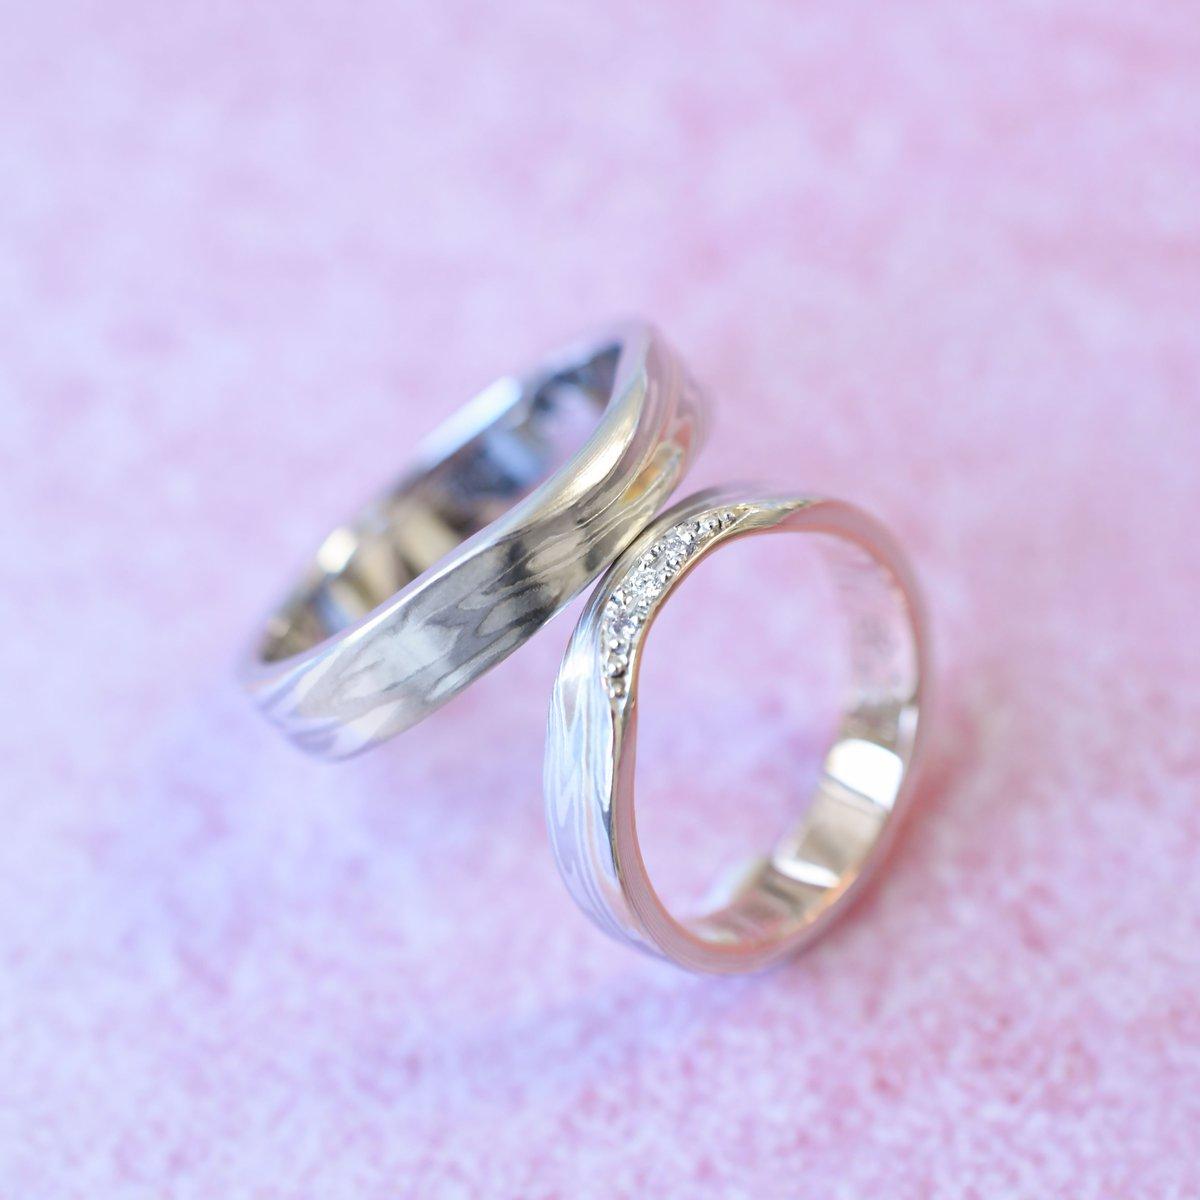 Visit Our Website Smokumeganeyae Mokumeganeya Bridal Wedding Weddingring Bridalring Ringpictwitterkrxrpakm: Red String Wedding Rings At Reisefeber.org